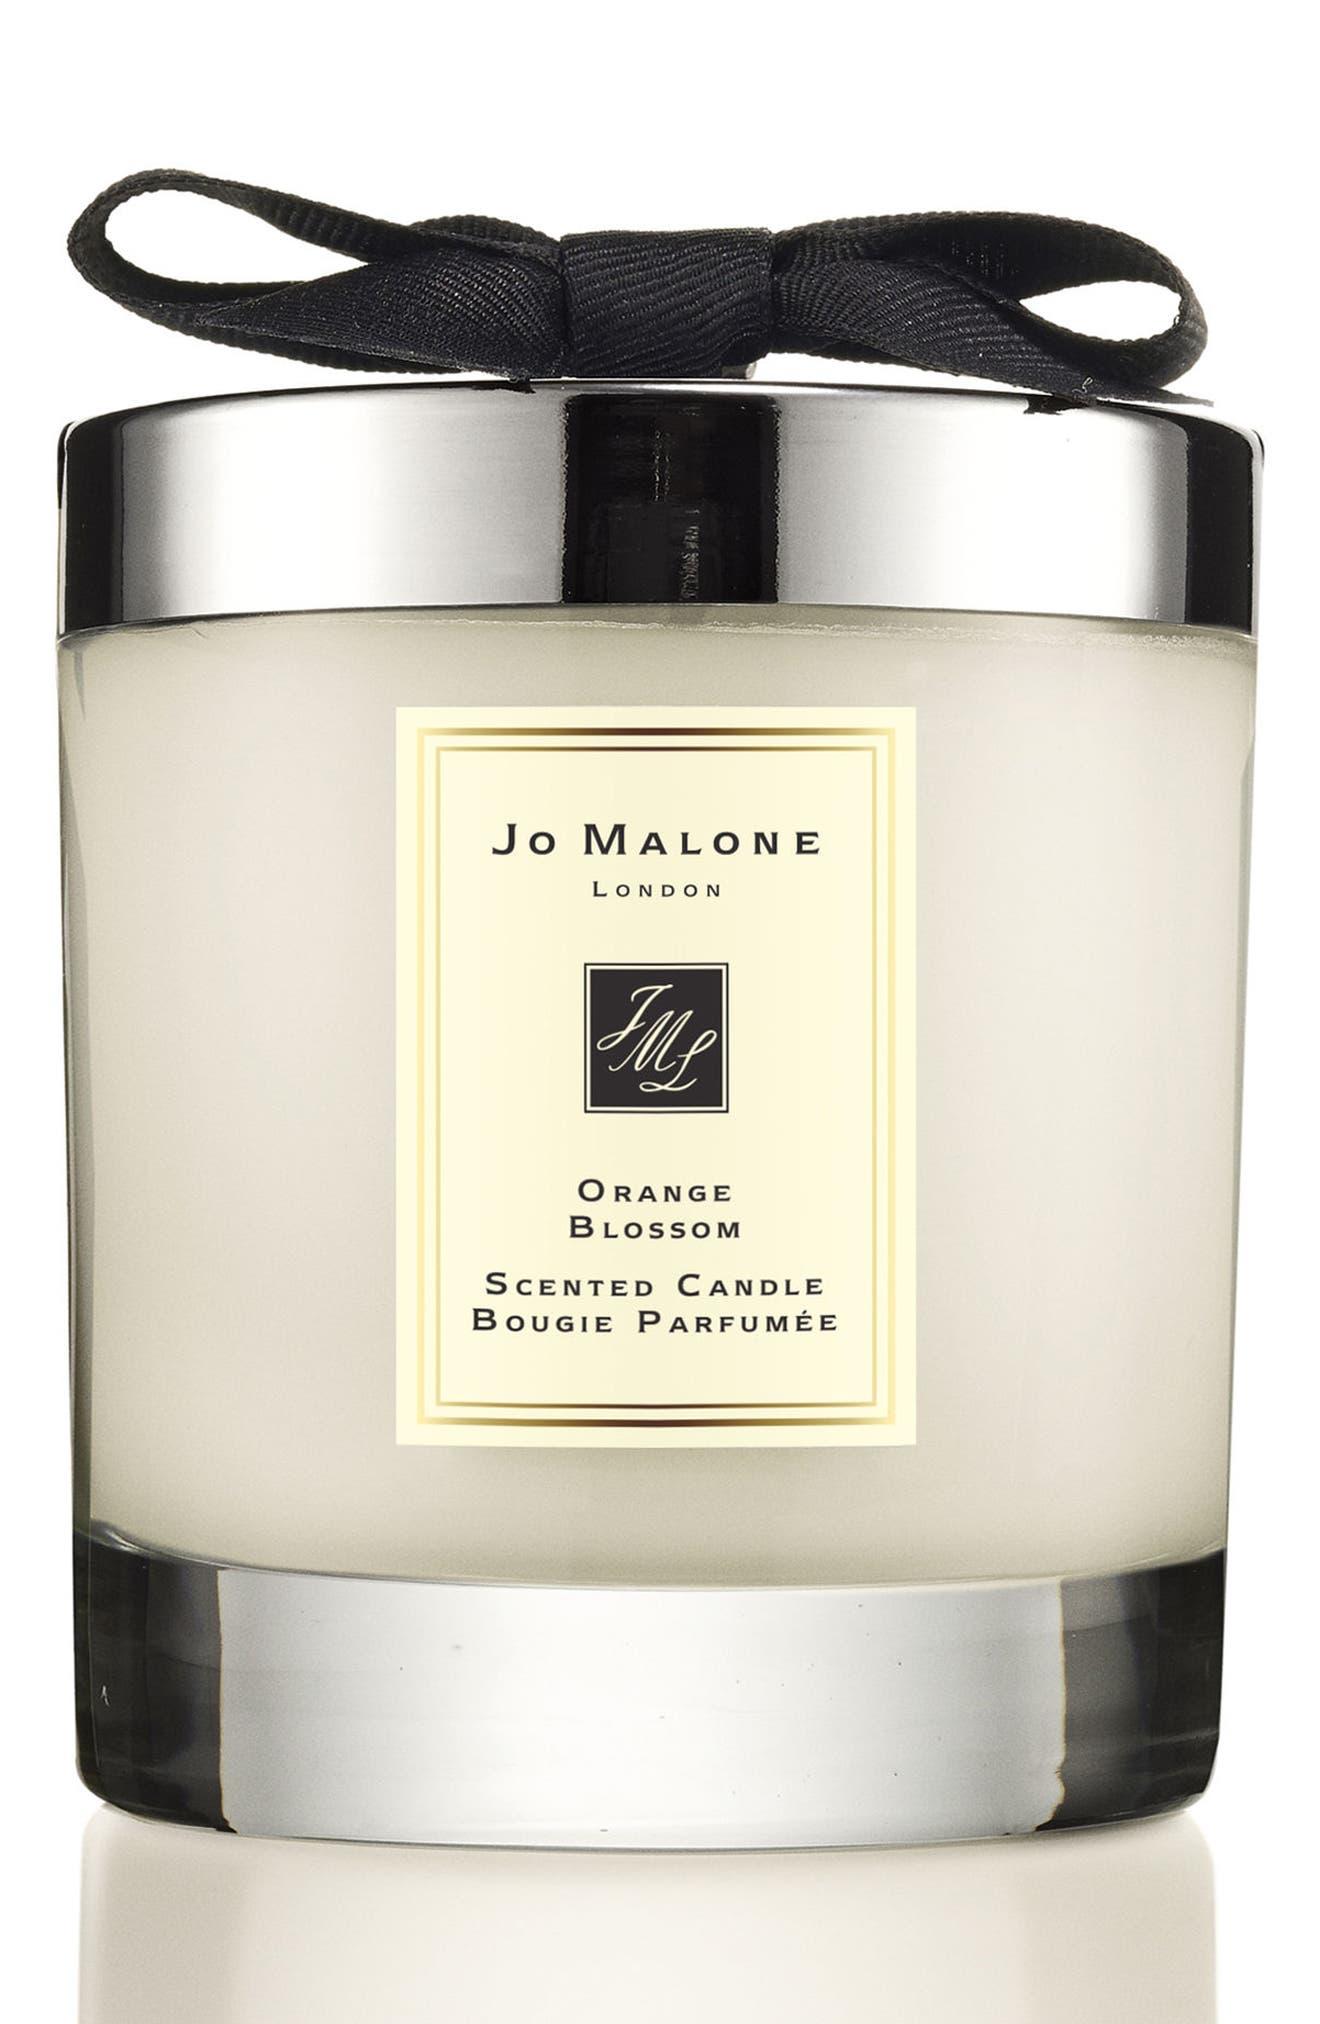 JO MALONE LONDON™ Jo Malone™ 'Orange Blossom' Scented